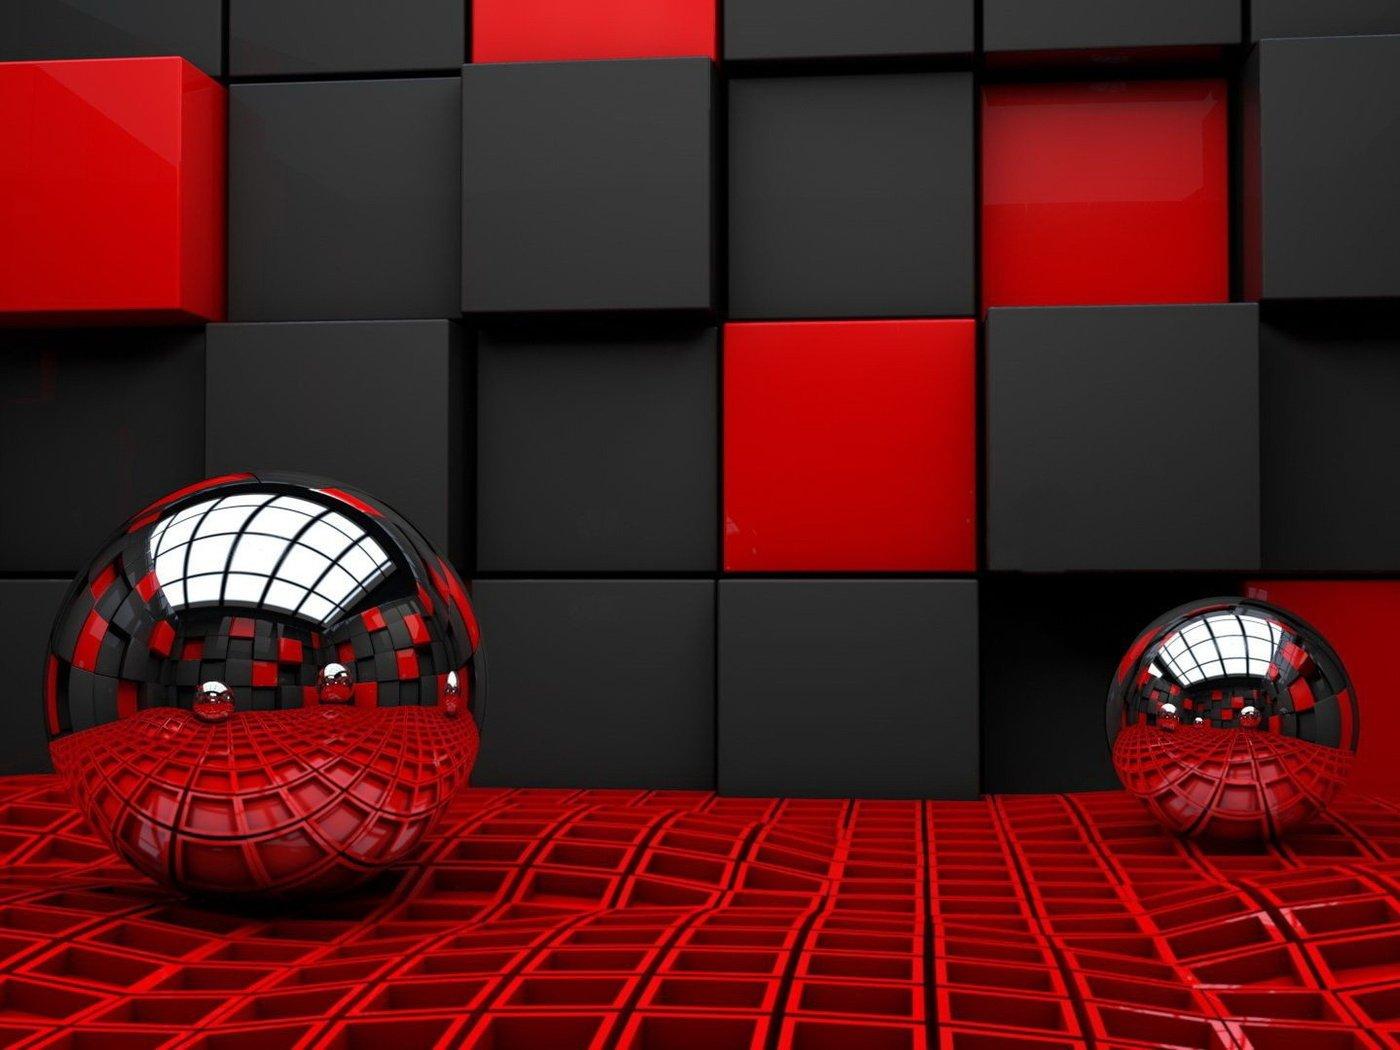 графика 3D шар скачать